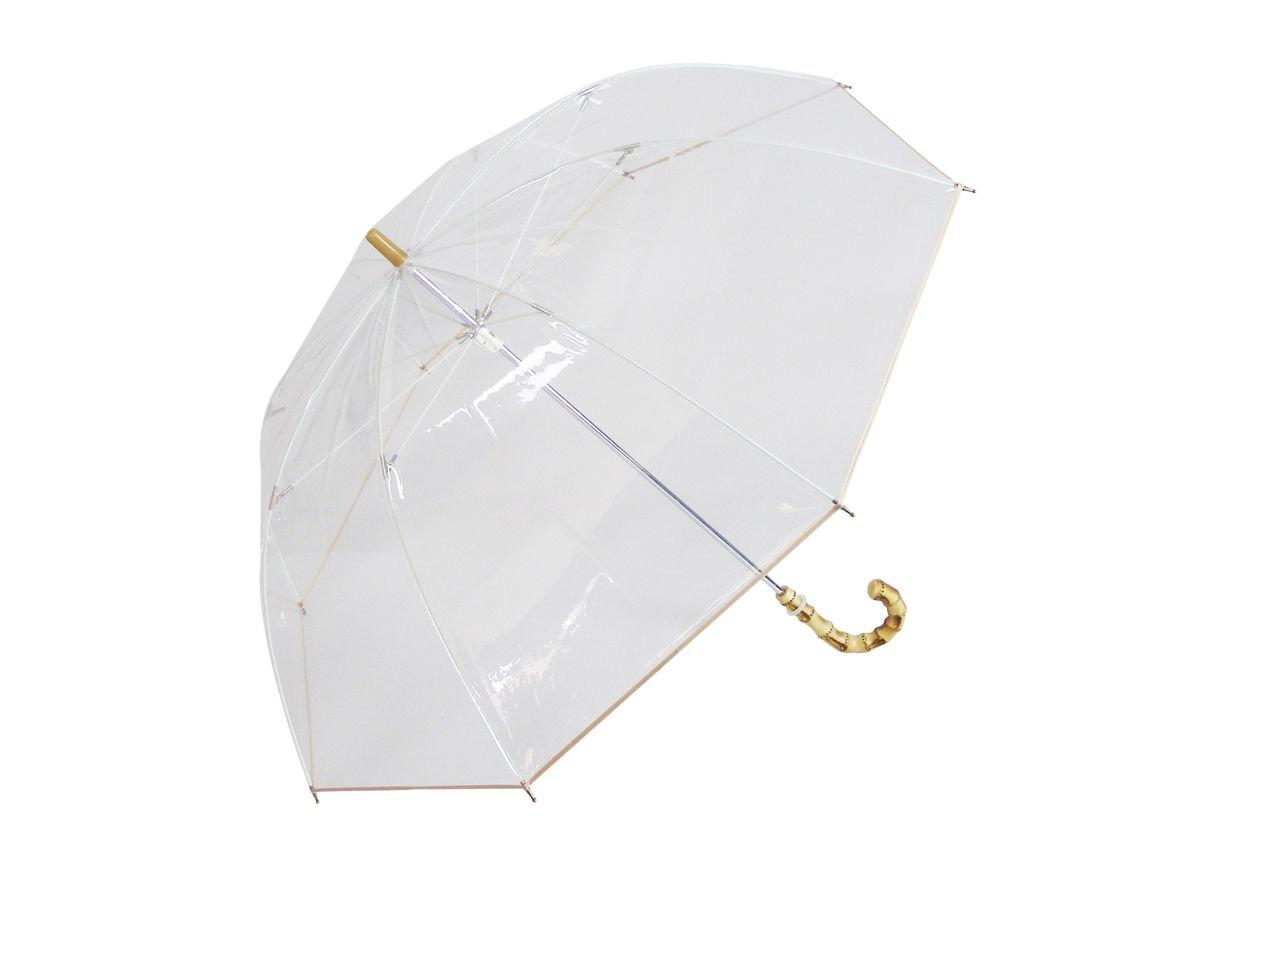 ホワイトローズ シンカテールクラシック 長傘 手開き 8本骨 65cm 日本製 グラスファイバー骨 耐風傘 [正規代理店品] B00KVBNTWO